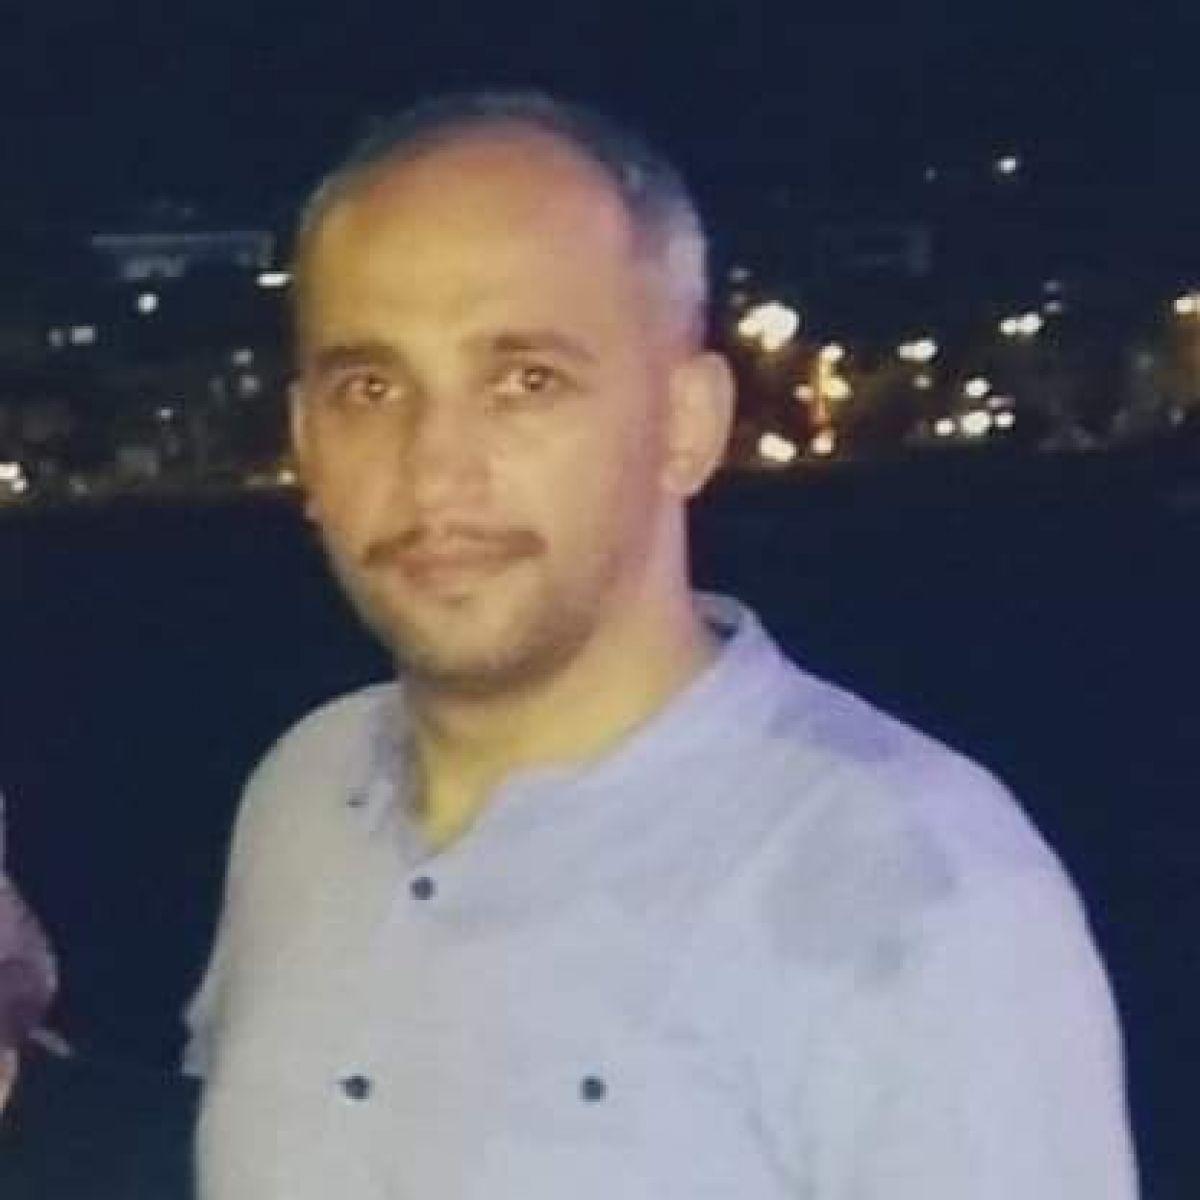 Artvin'de iş yerinde elektrik akımına kapılan esnaf, hayatını kaybetti #3